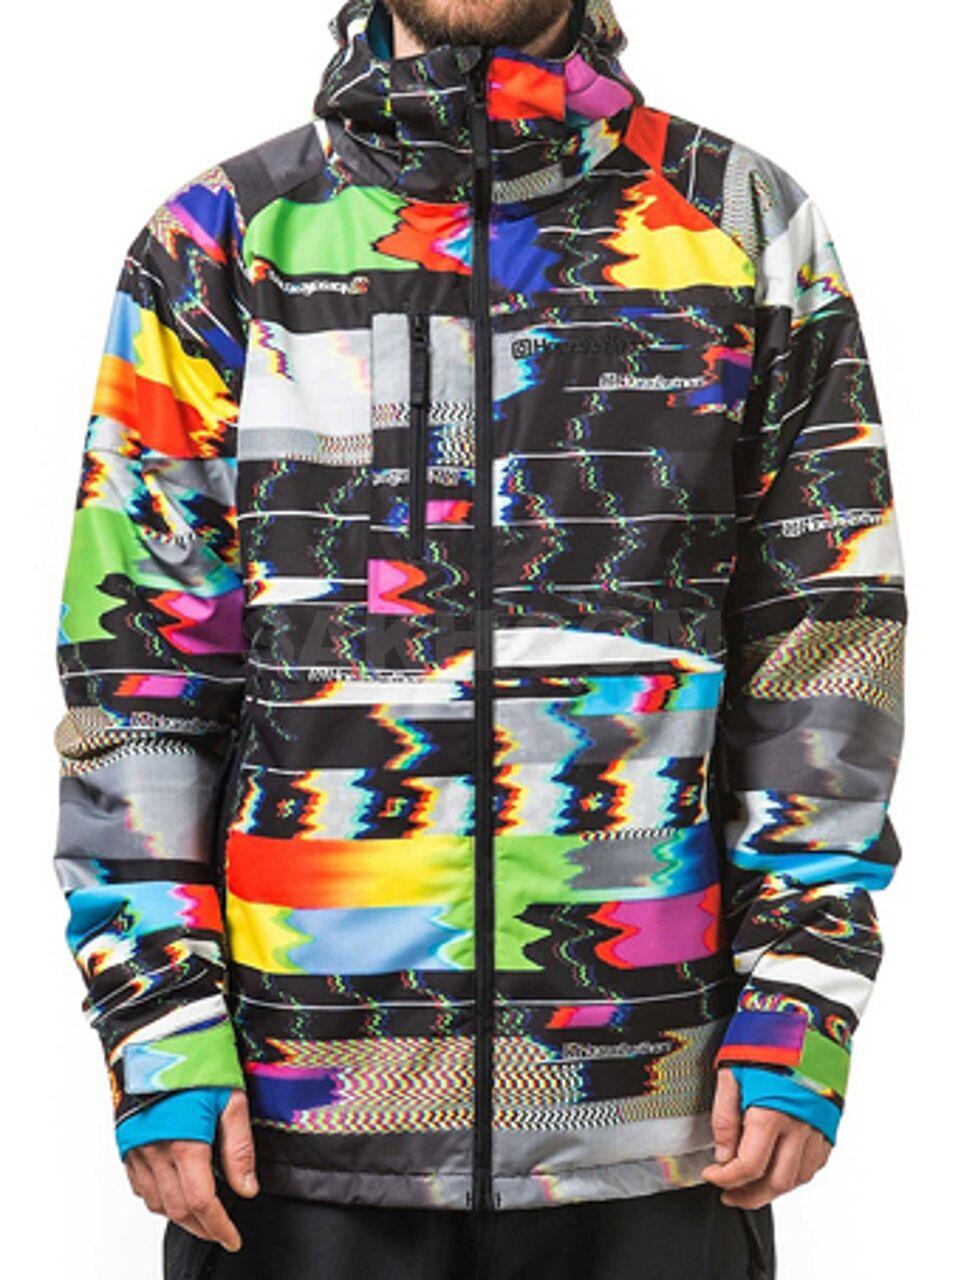 где купить куртку для сноуборда